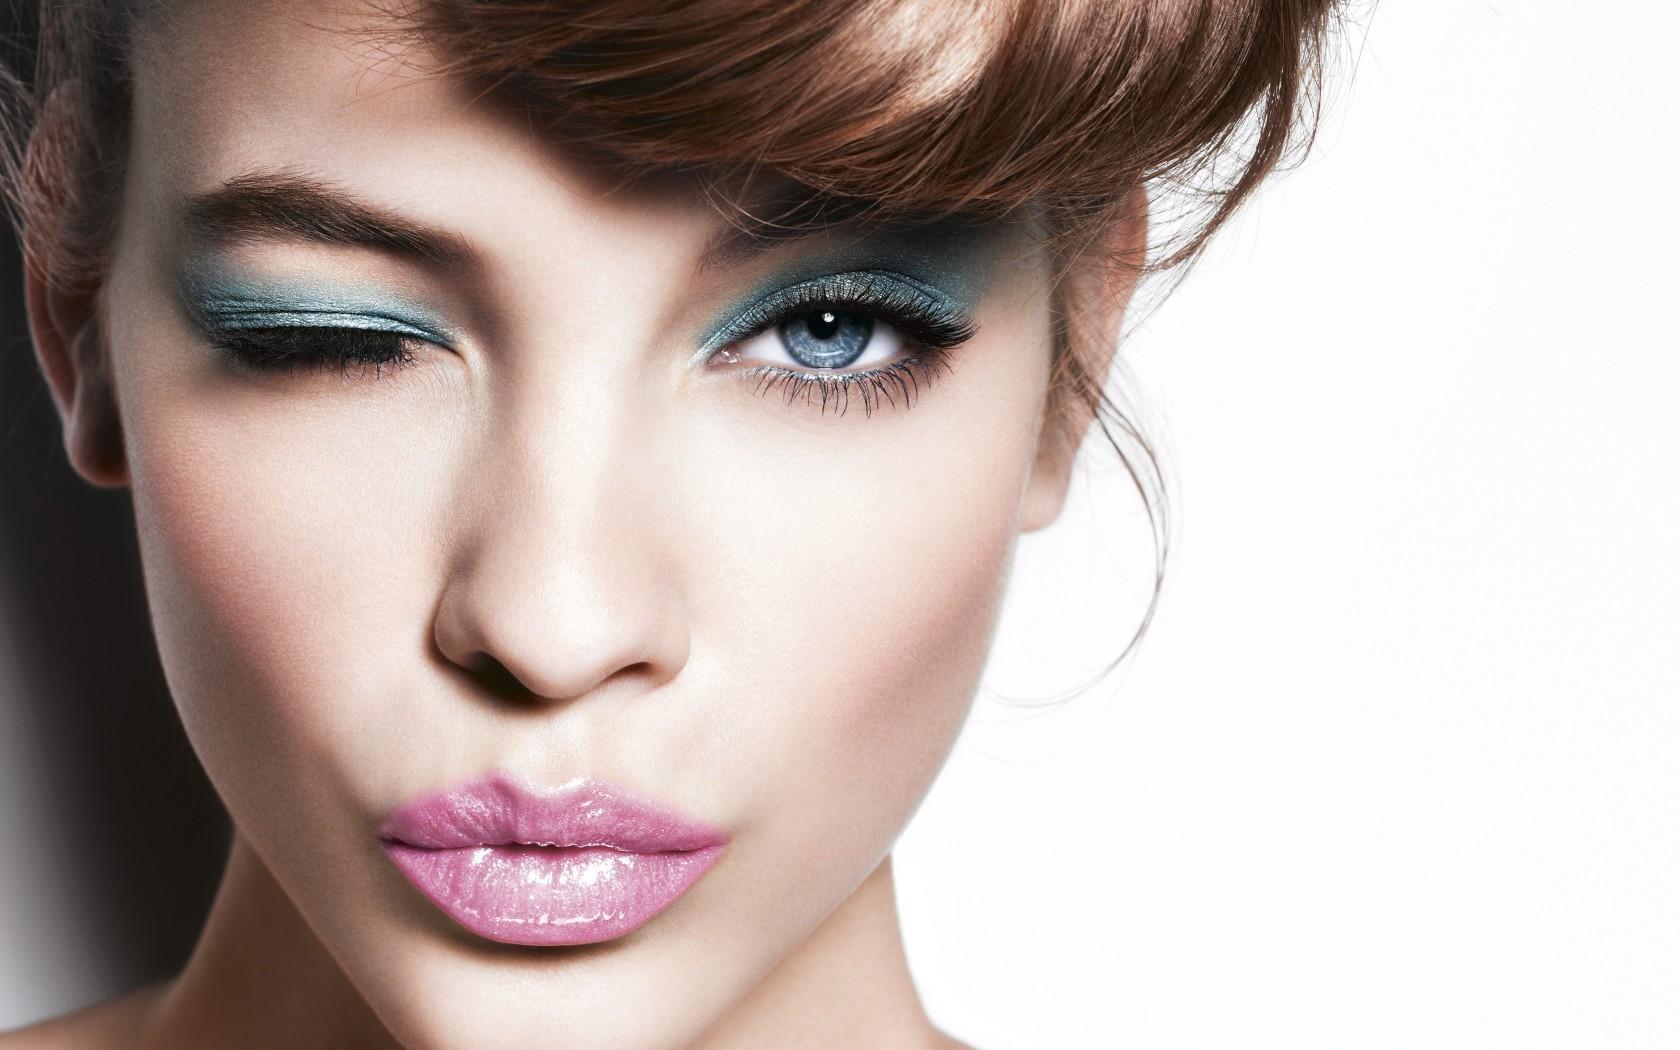 Hochzeits Make Up Blaue Augen Makeup Beauty